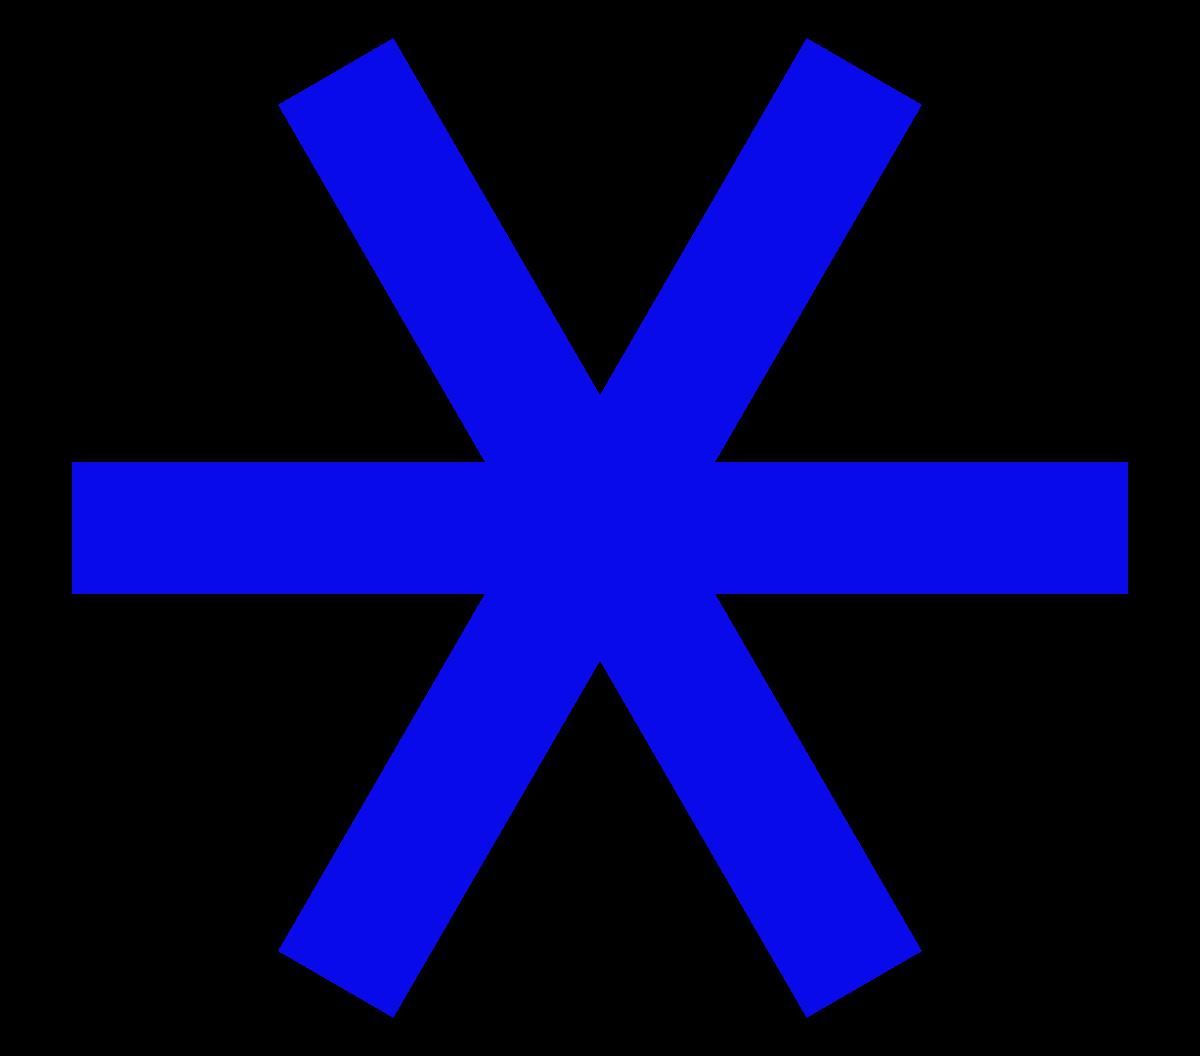 Simbolo del Sestile